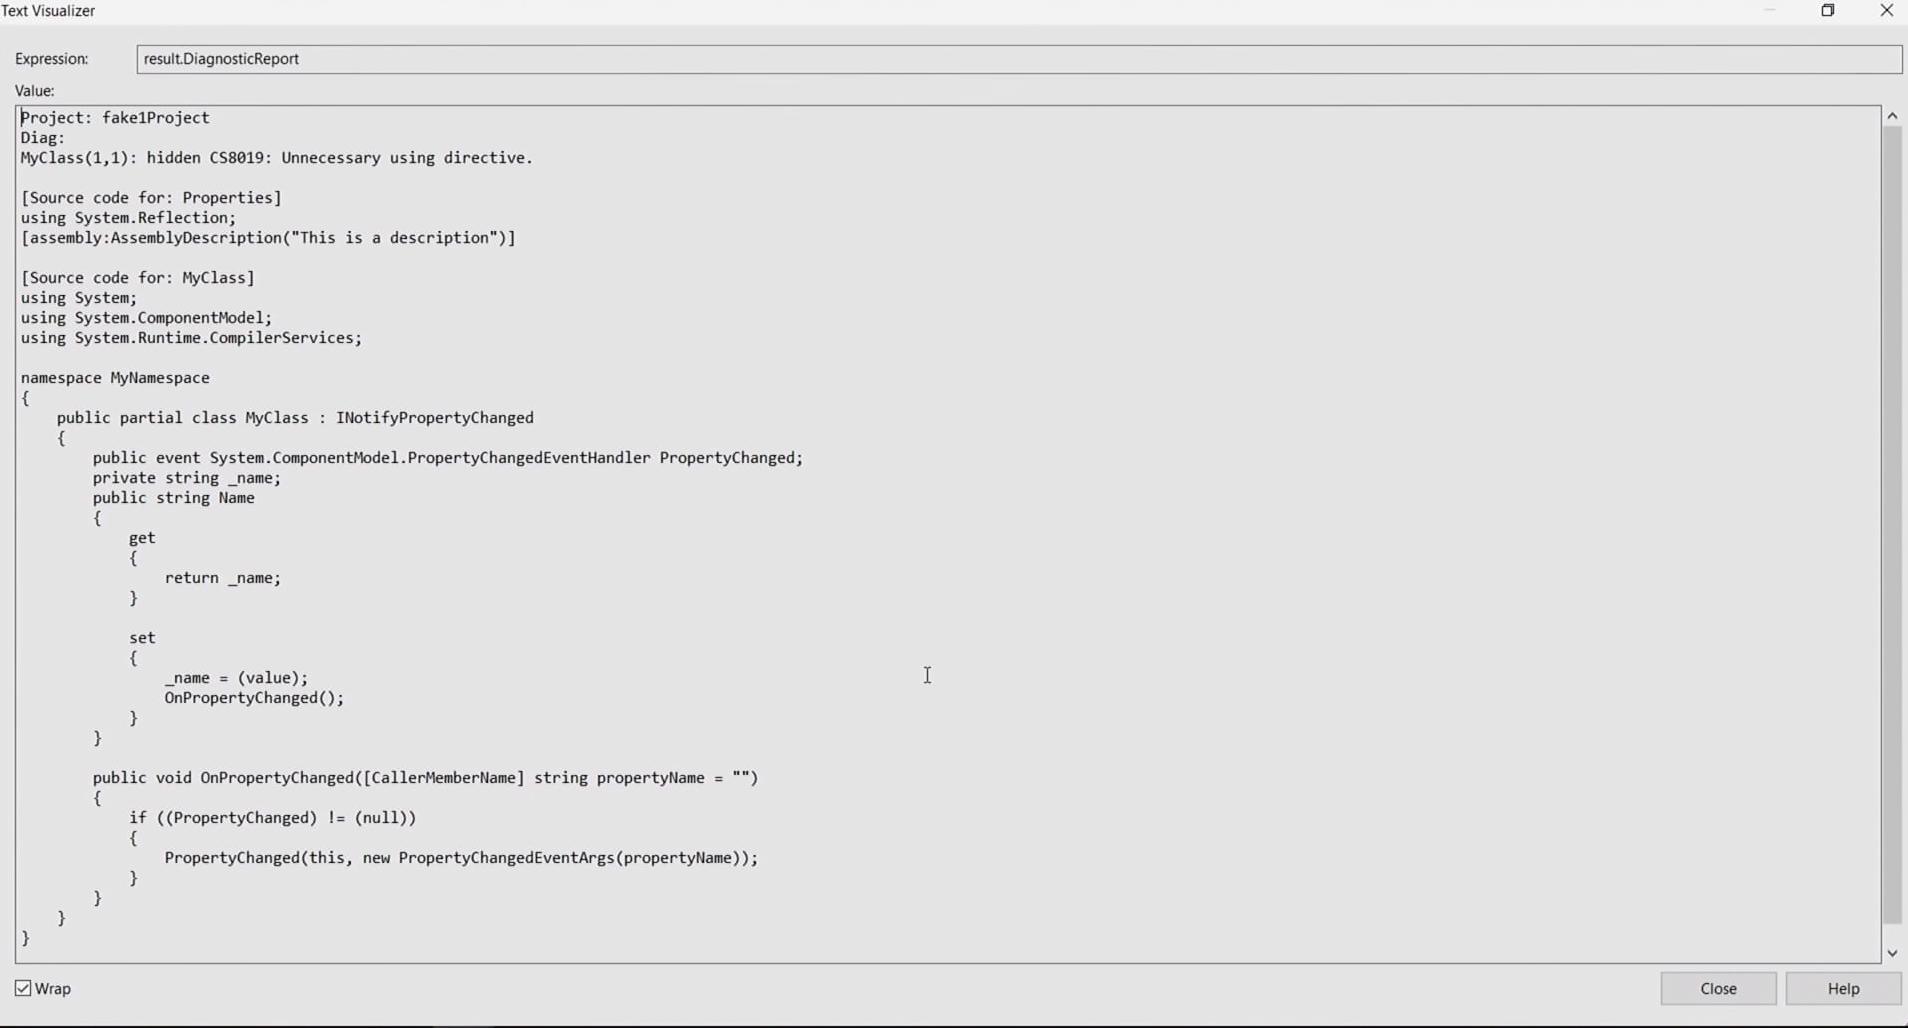 Генерация кода во время работы приложения: реальные примеры и техники - 47